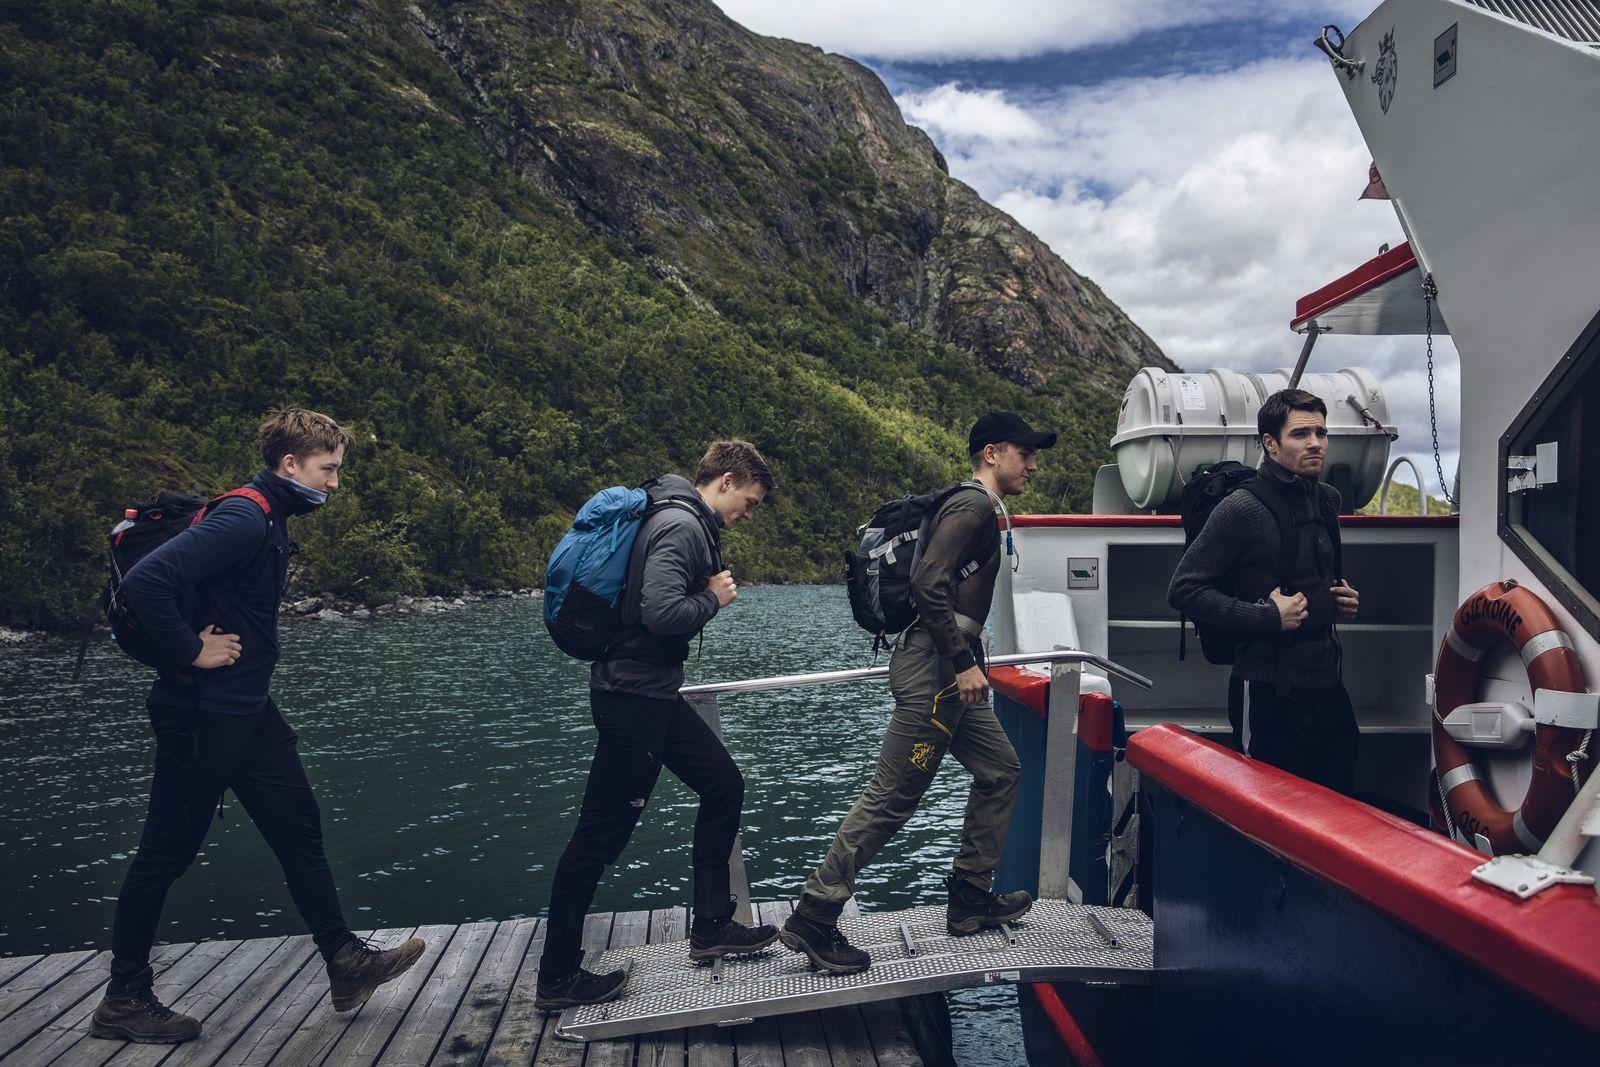 Uforberedt på krevende fjellturer: – Så folk i dongeribukser